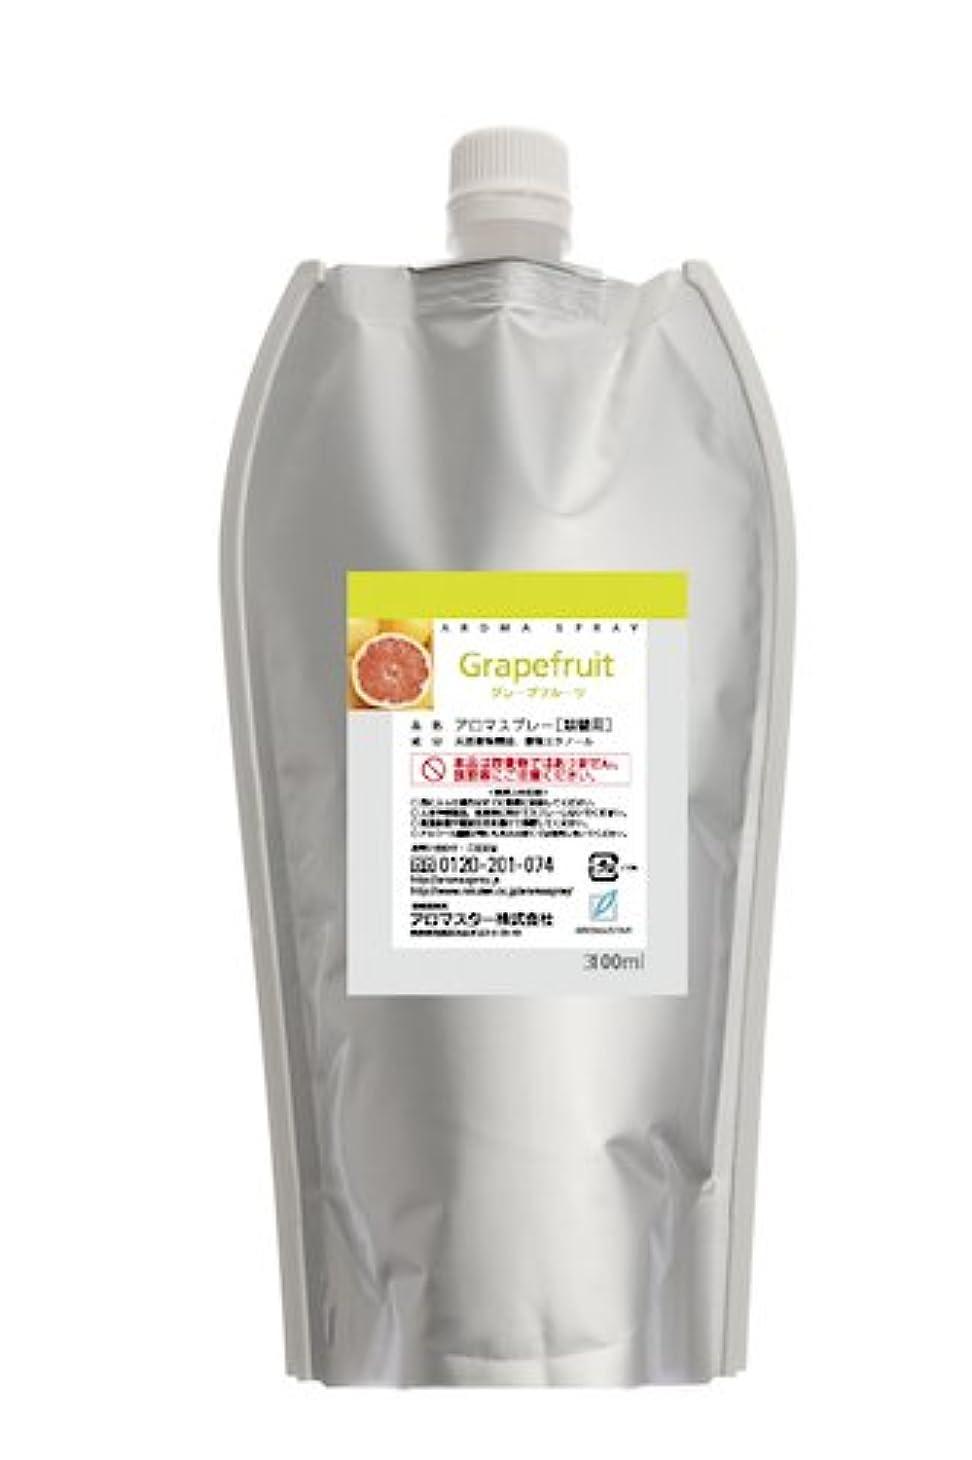 人間いらいらするハブブAROMASTAR(アロマスター) アロマスプレー グレープフルーツ 300ml詰替用(エコパック)